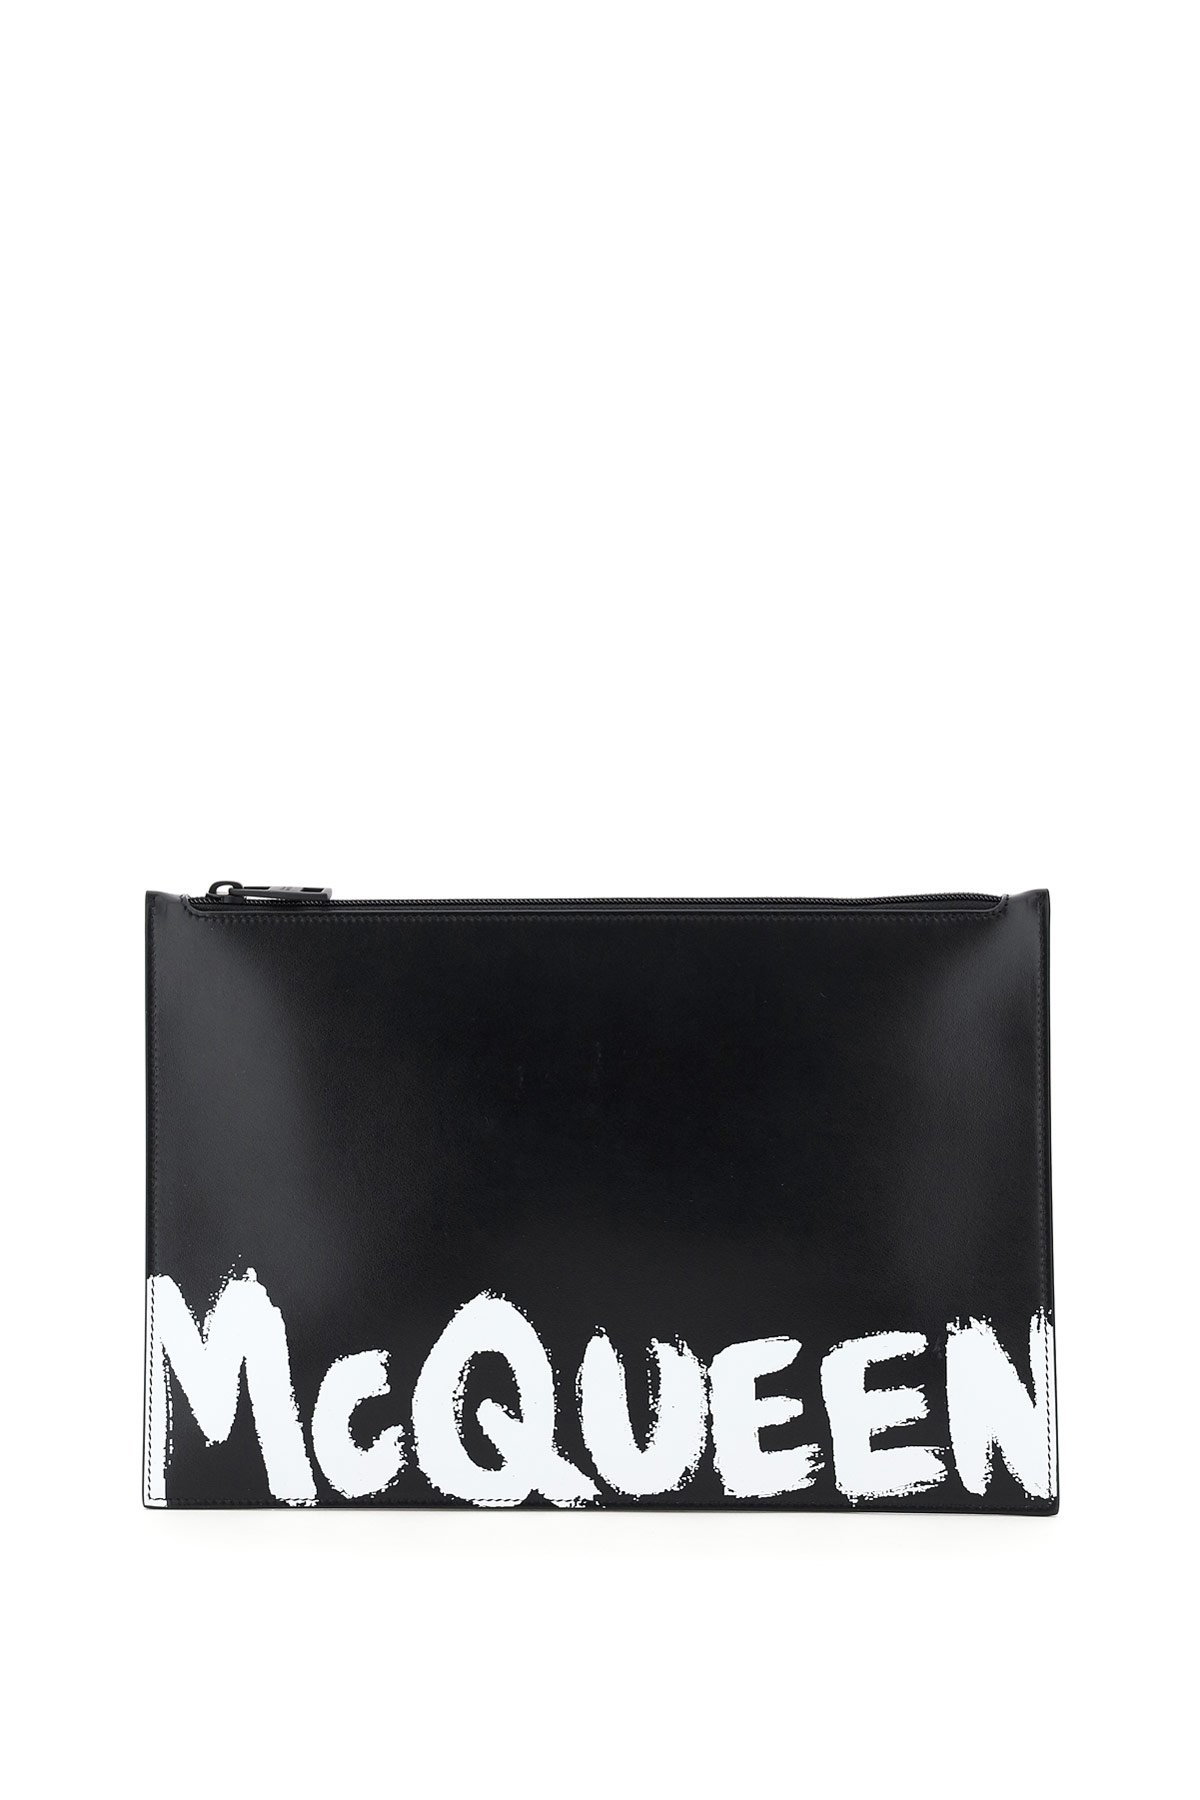 Alexander mcqueen pouch flat logo graffiti